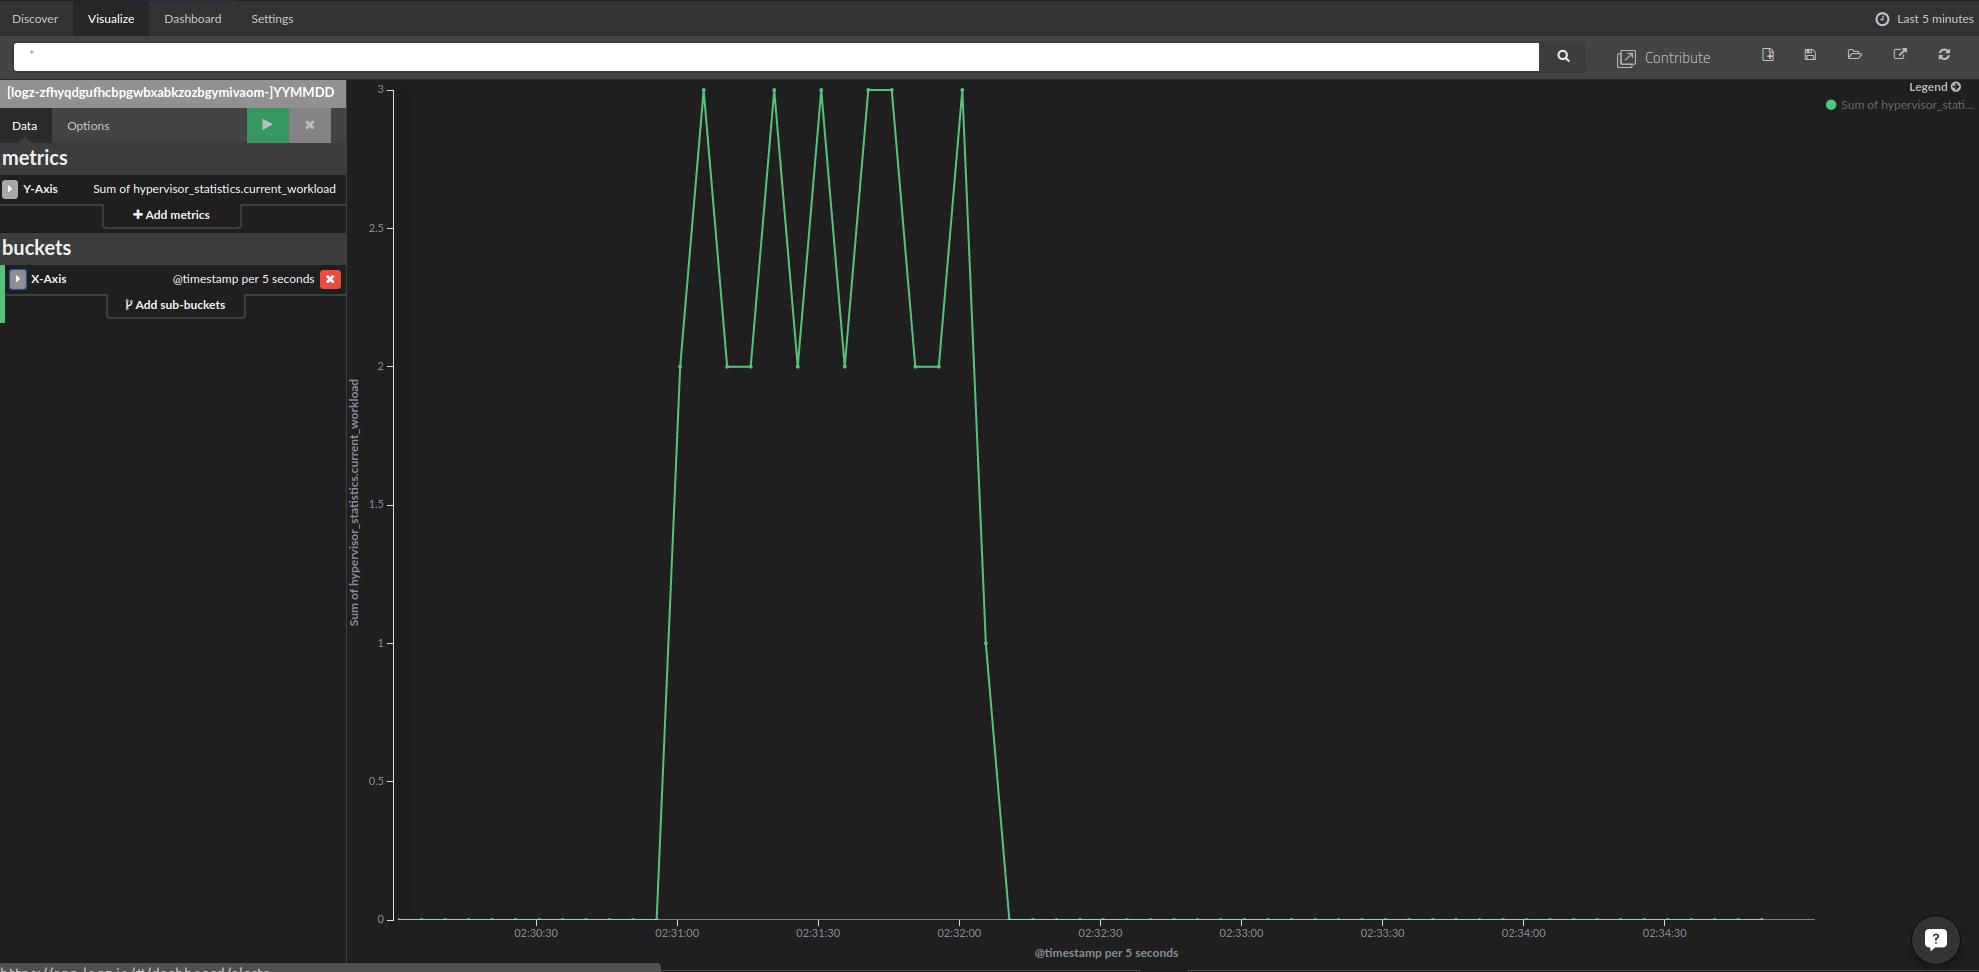 hypervisor current workload over time